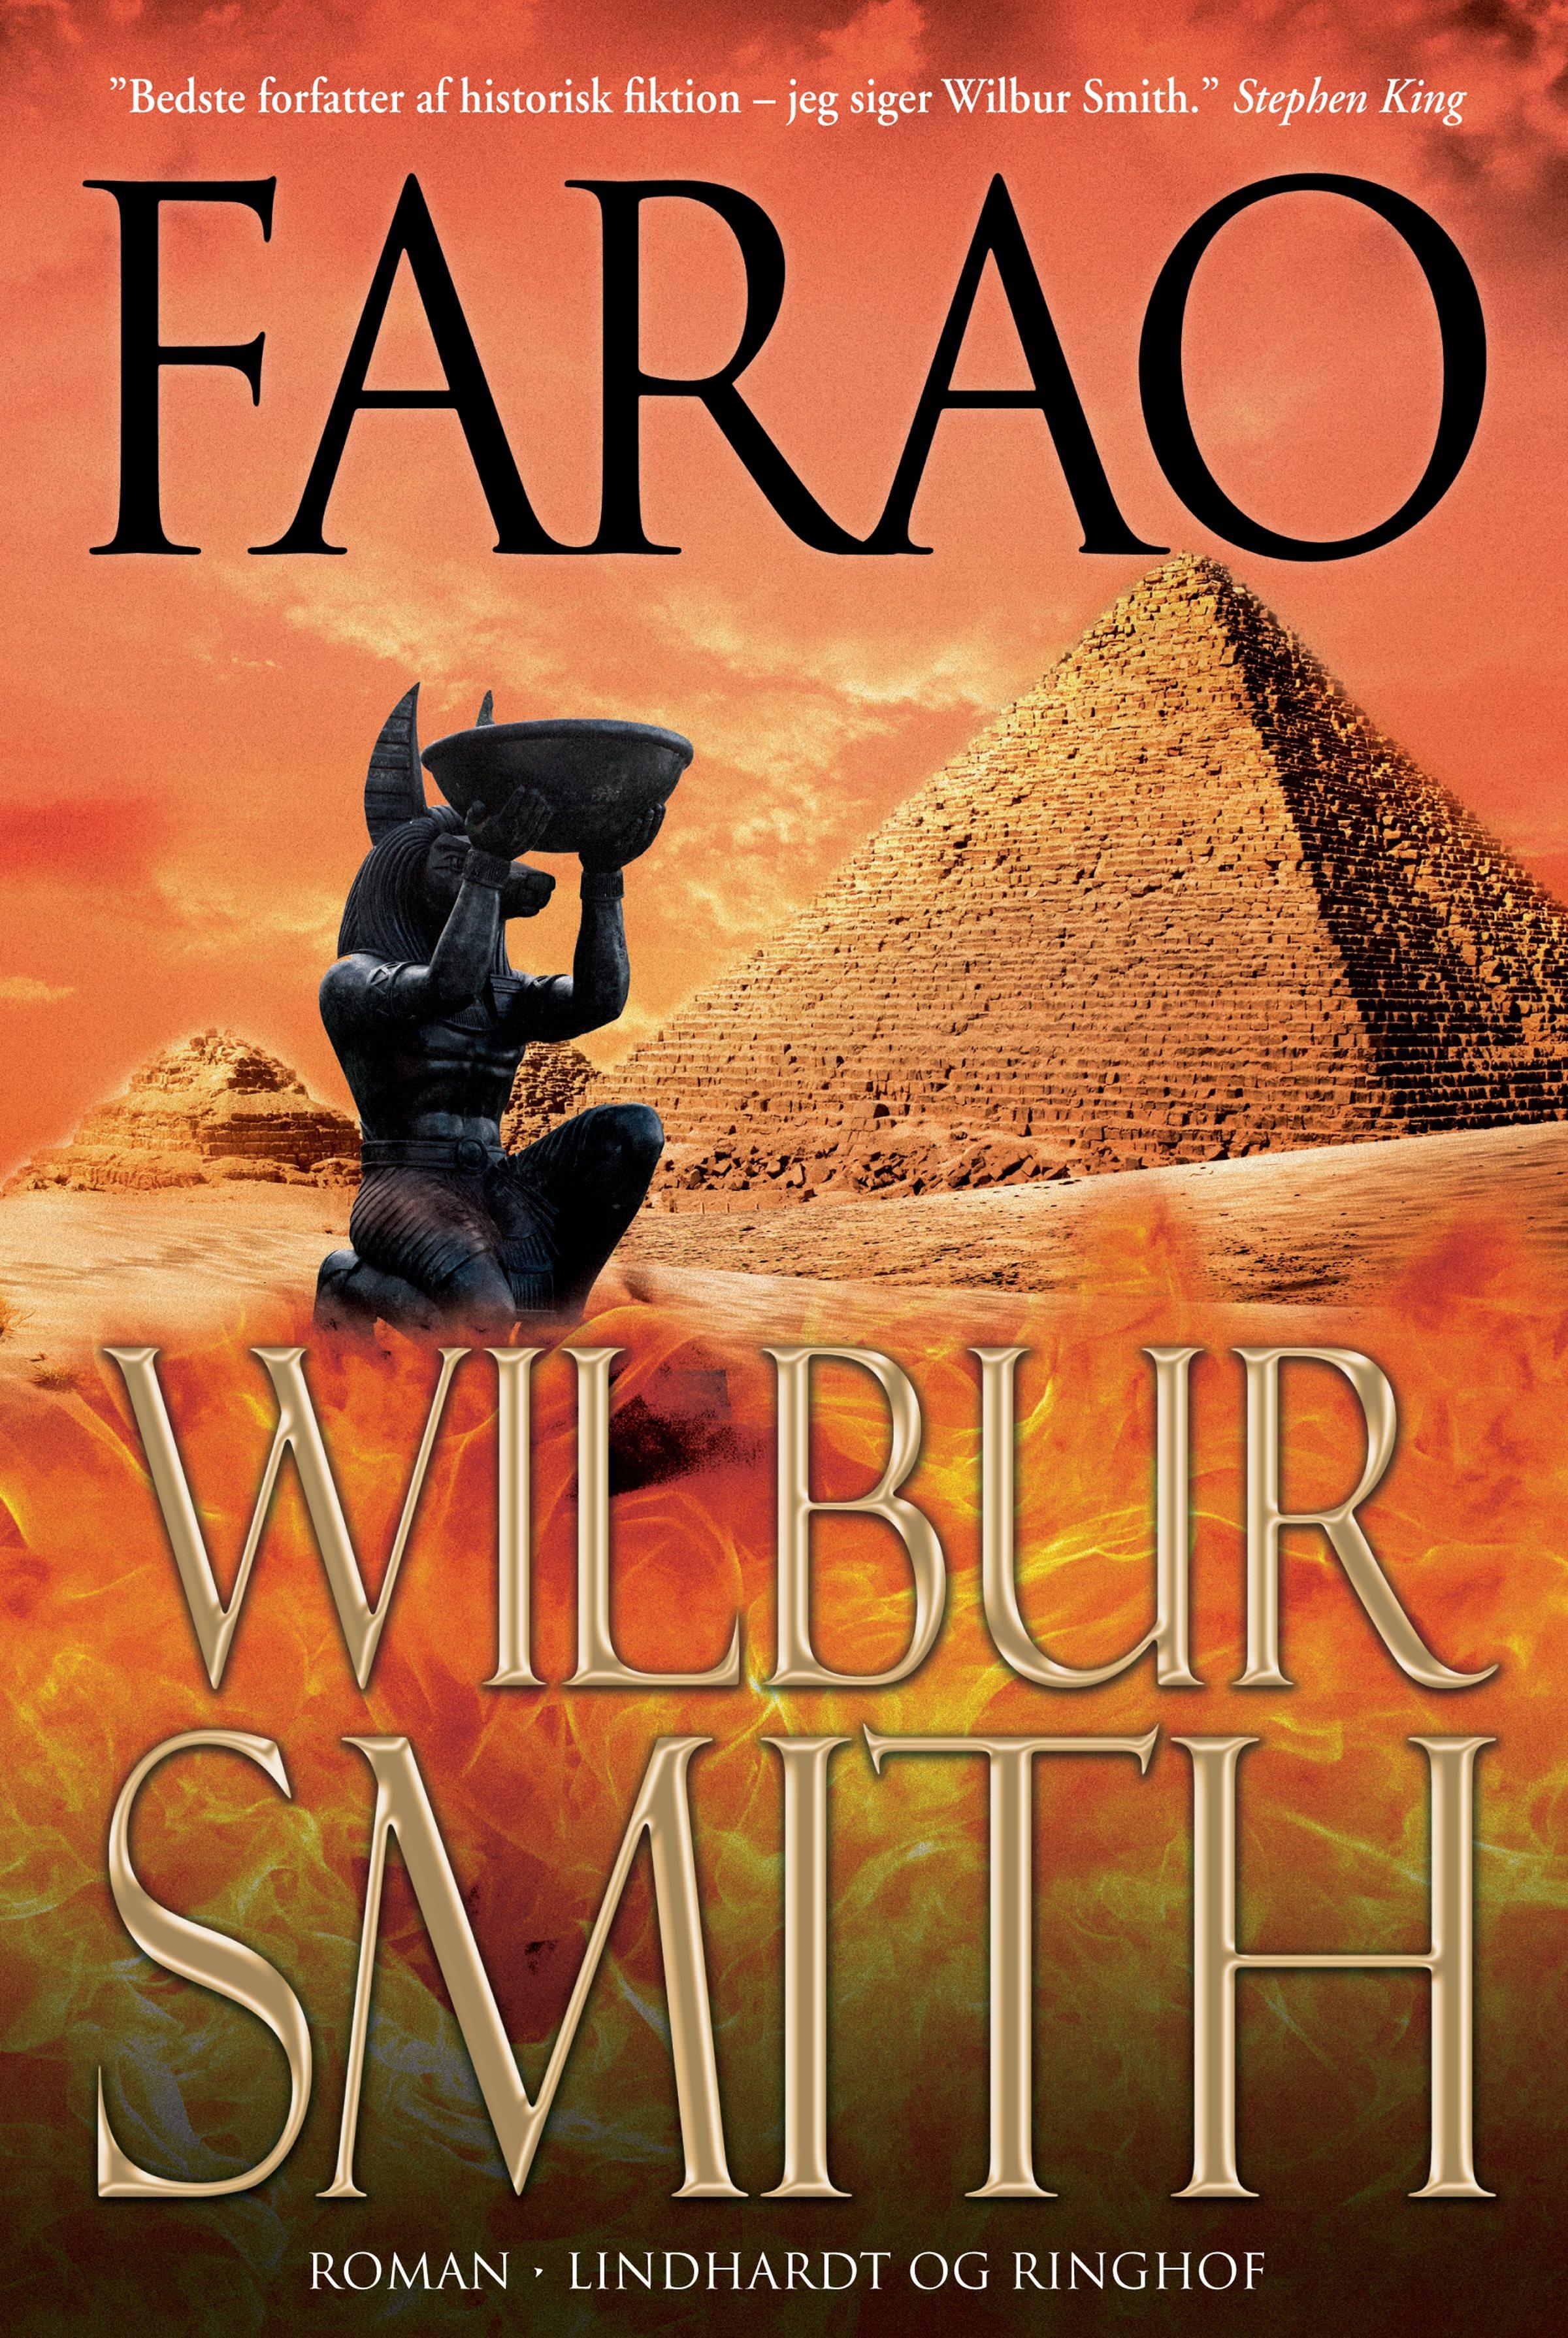 Wilbur Smith, Farao, Egypten-serien